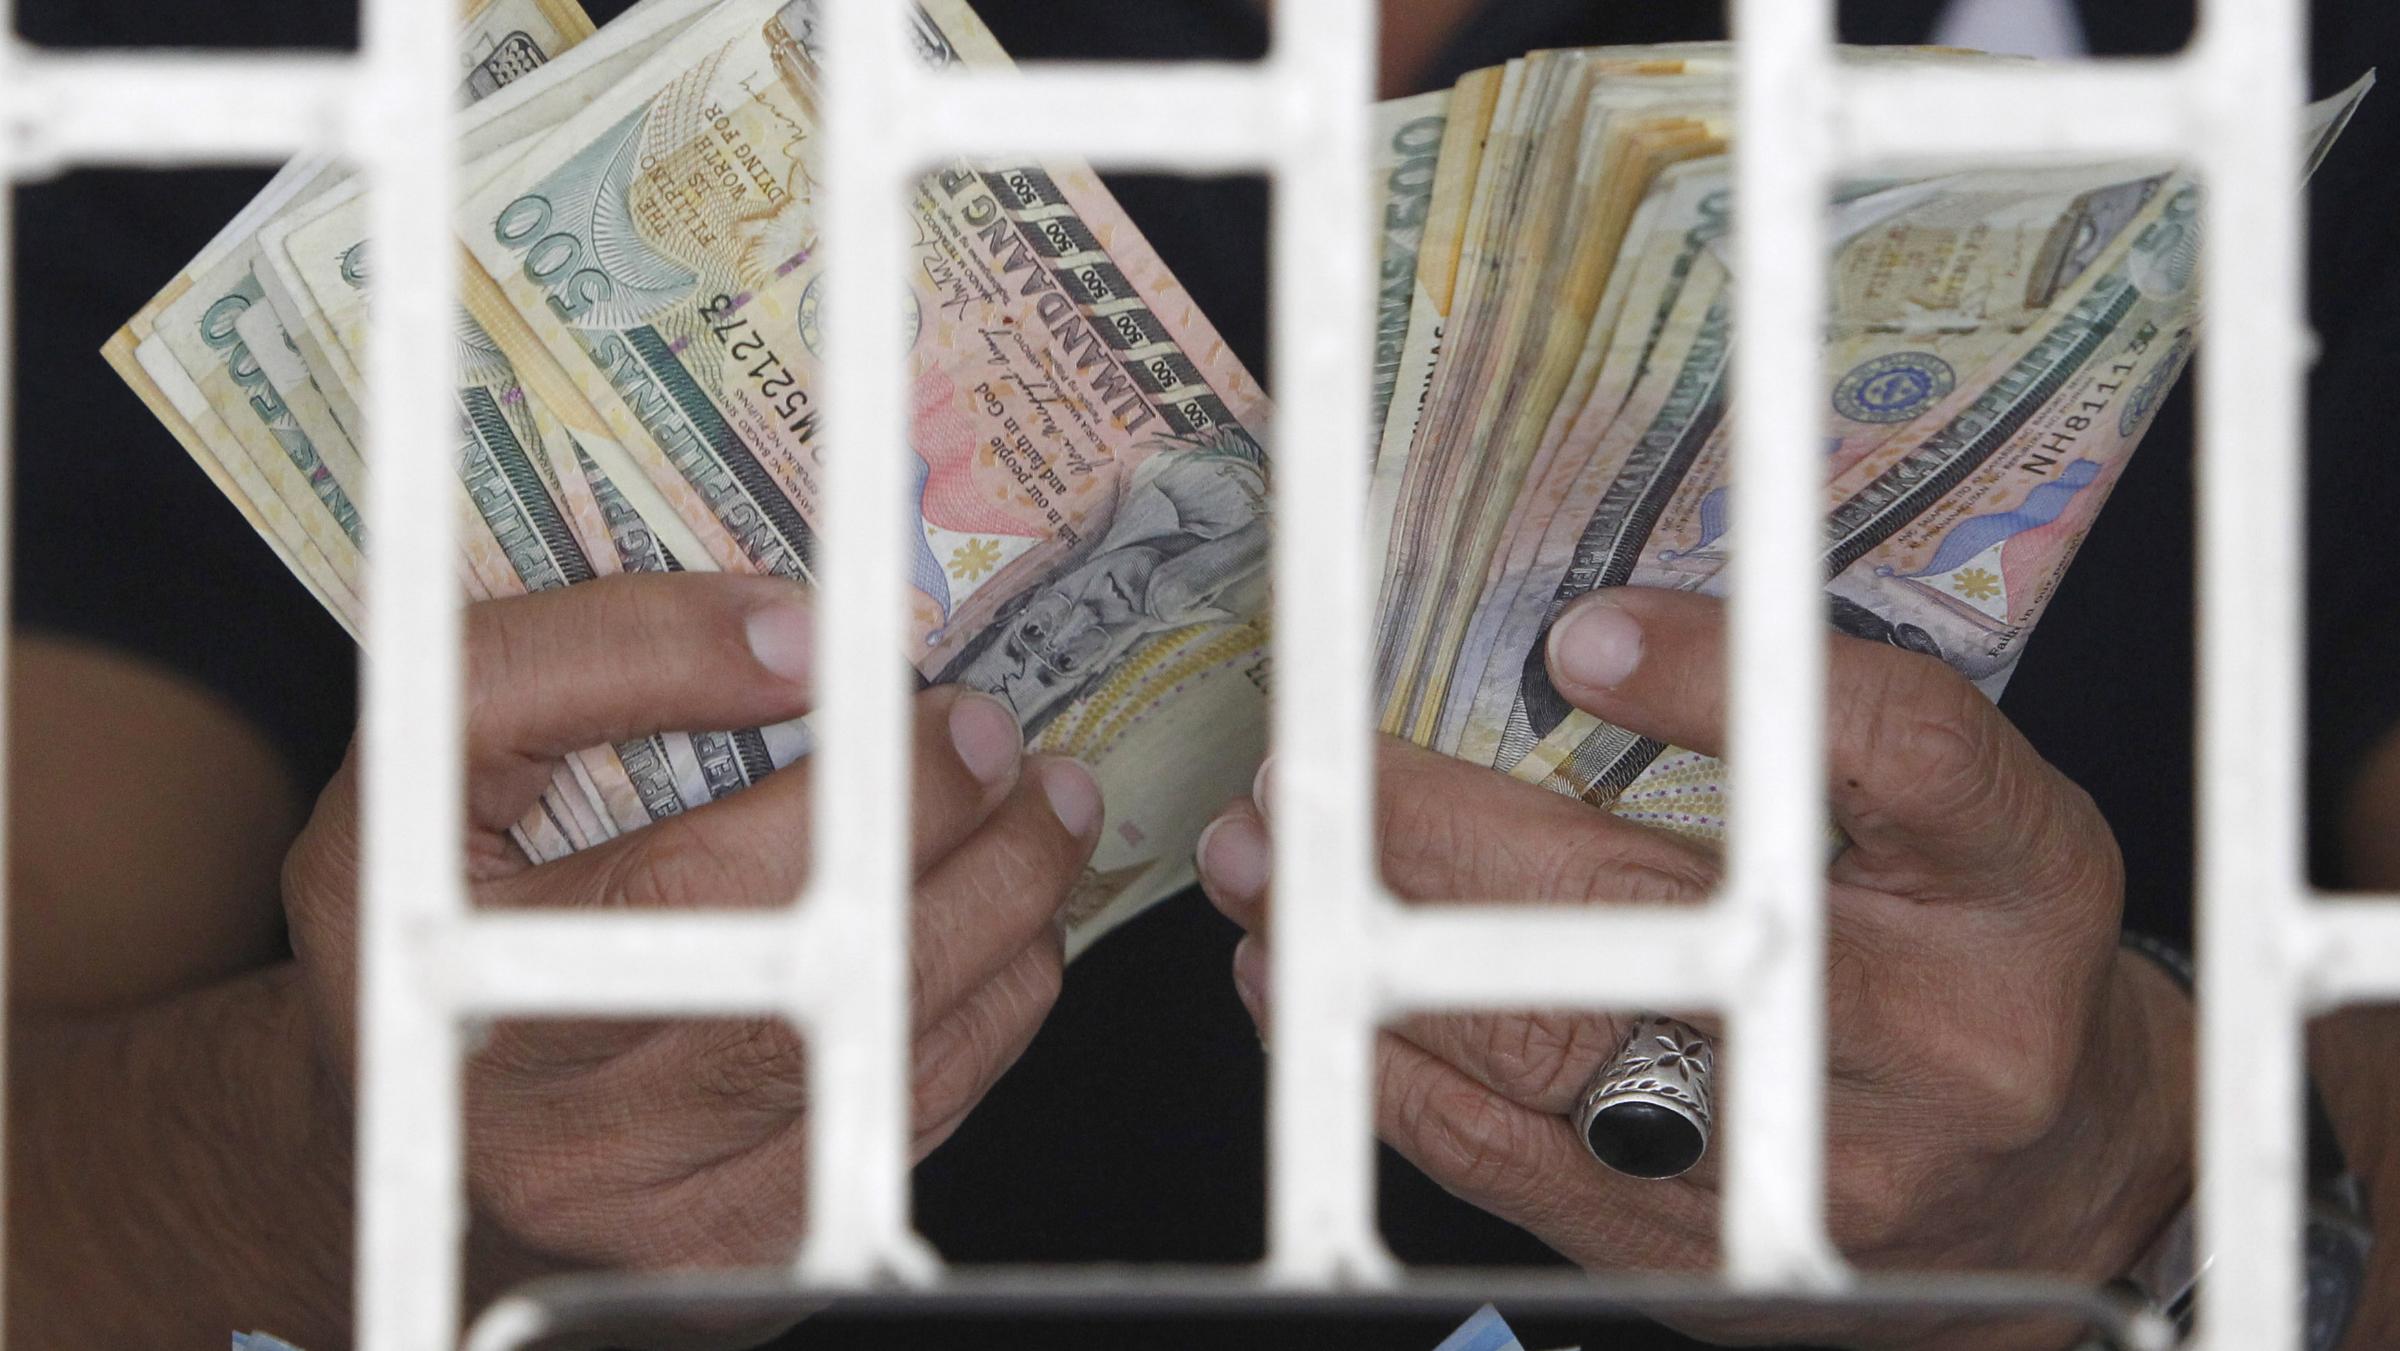 Smuggling Cost The Philippines 3 Billion In 2011 Quartz